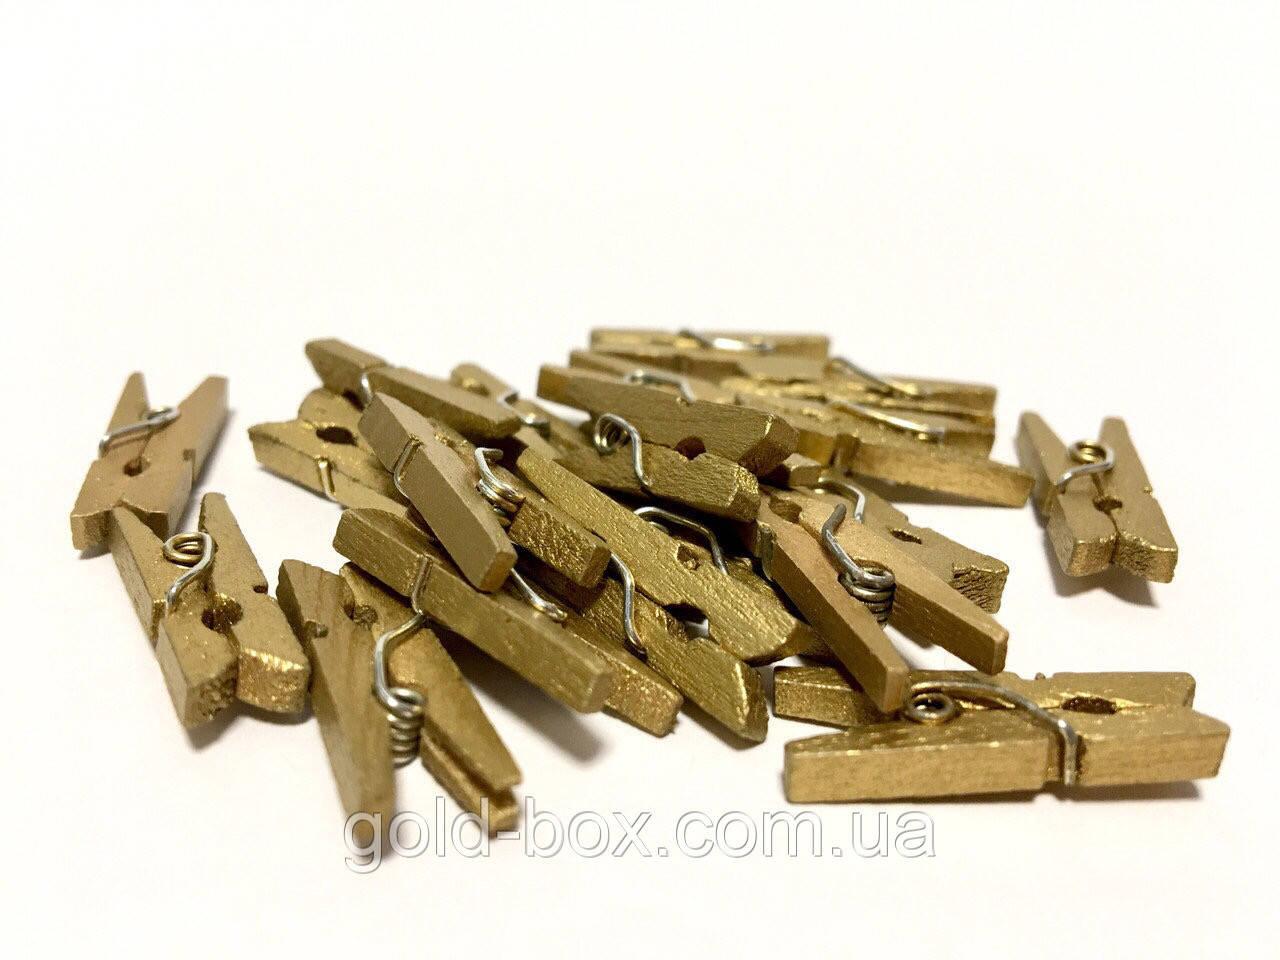 Мини прищепка золотая 2.5см 500шт